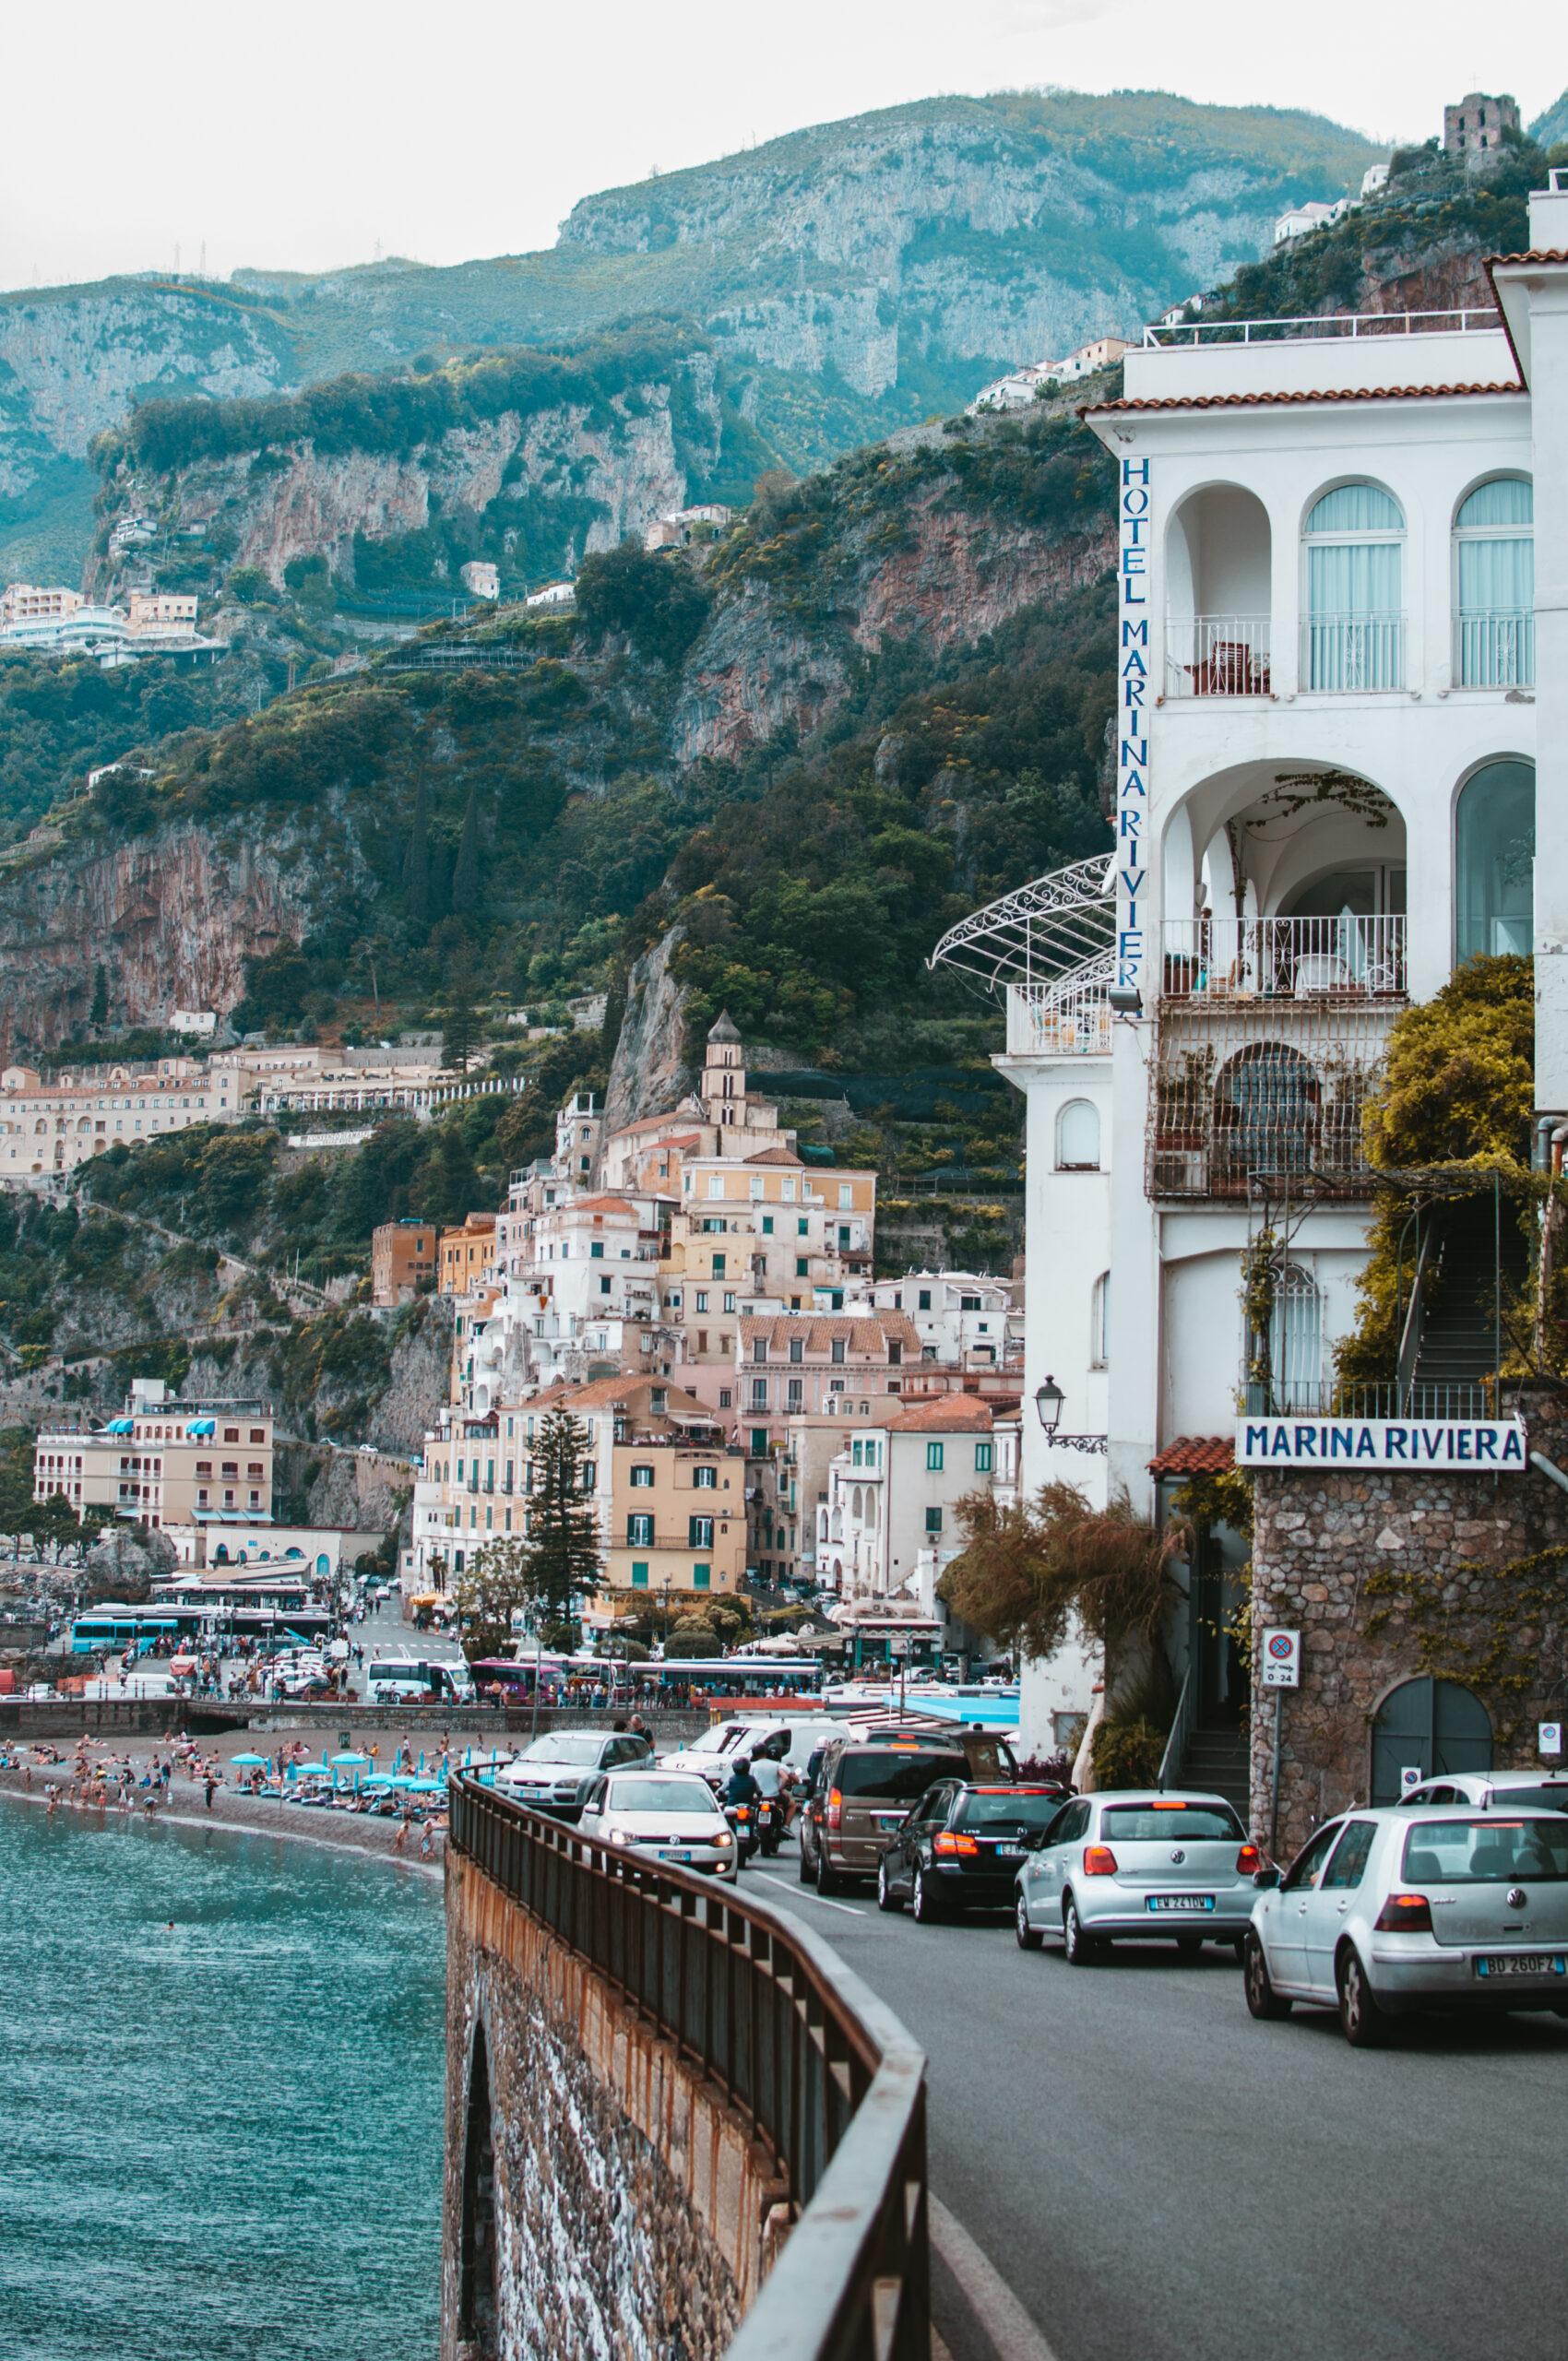 b&b amalfi italy, amalfi hotel, amalfi where to stay, amalfi marina riviera